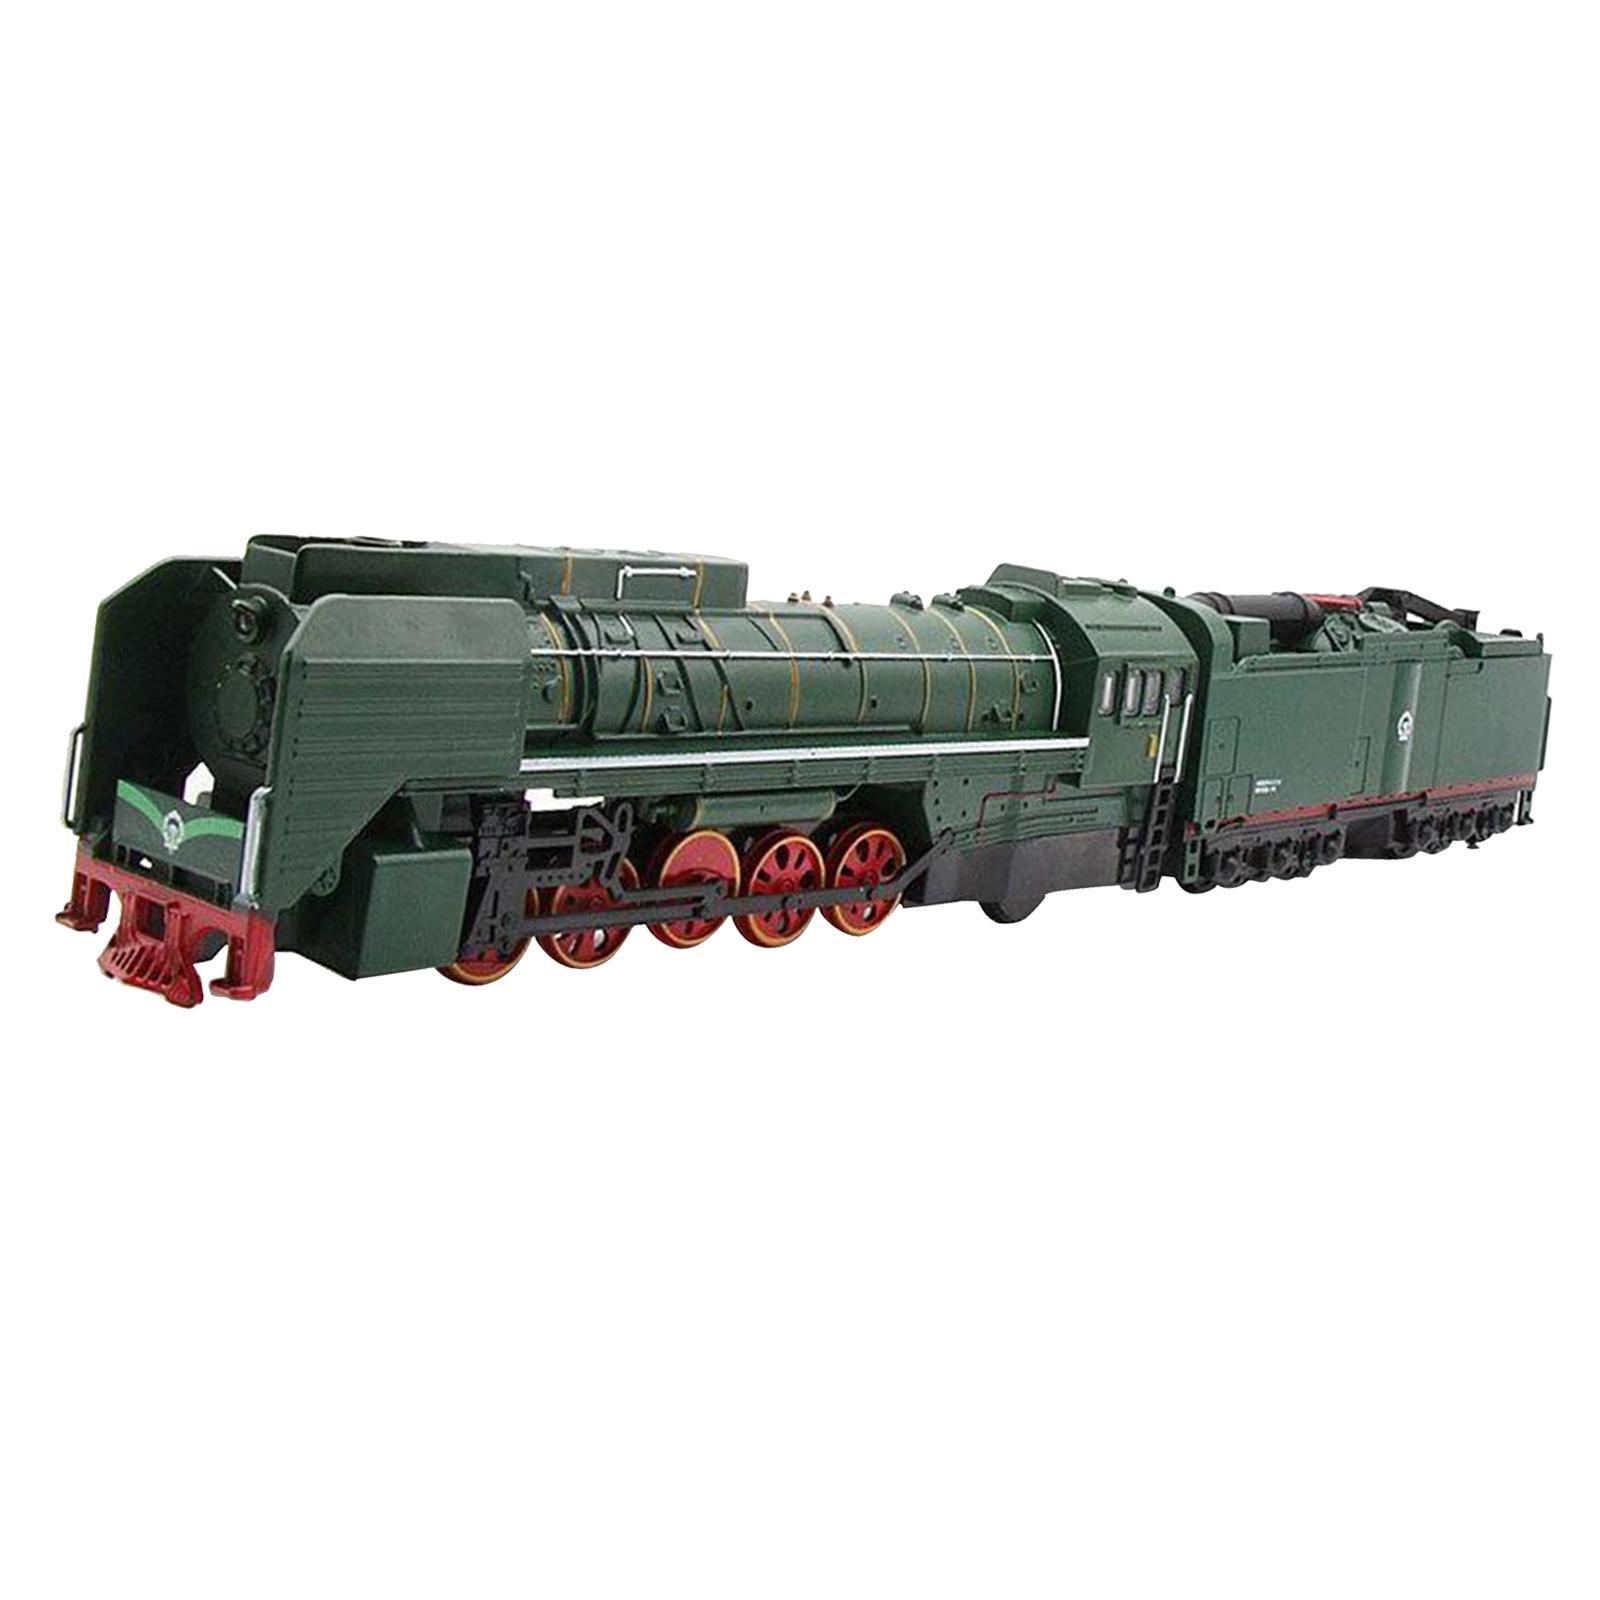 miniature 6 - Train à vapeur magnétique jouet Diecast Locomotive reculez le modèle d'alliag